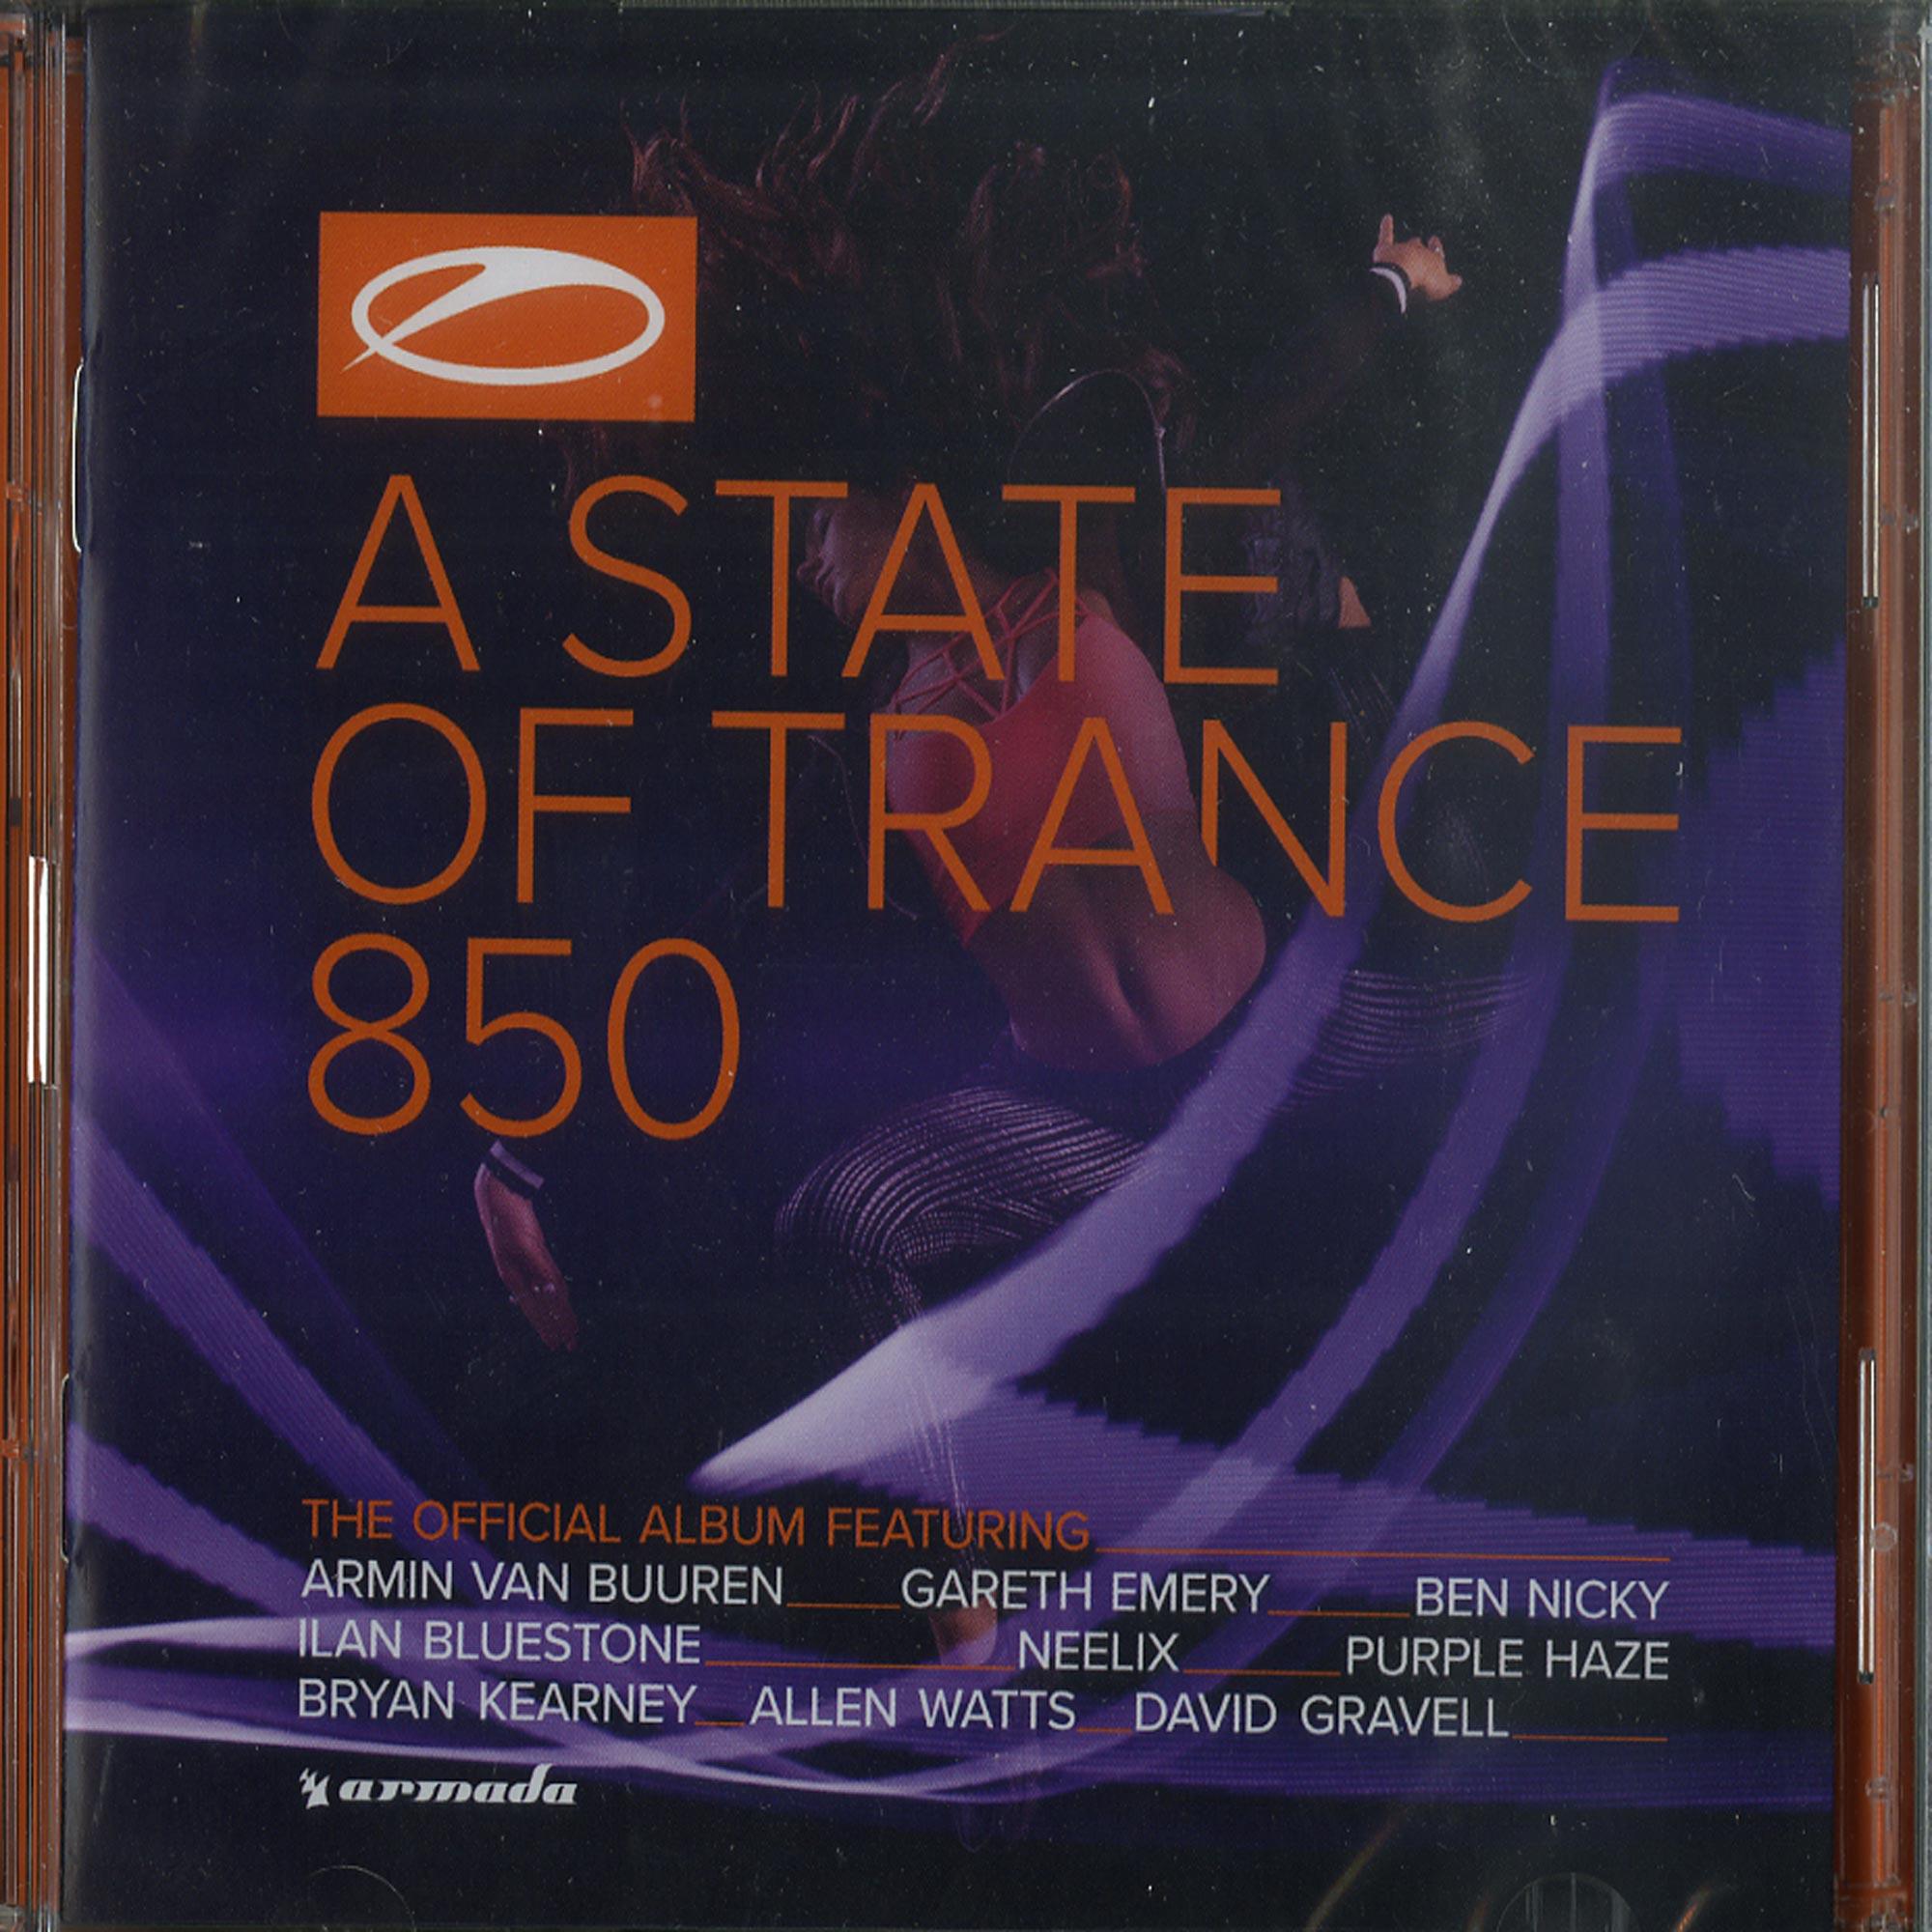 Armin Van Buuren & Friends - A STATE OF TRANCE 850